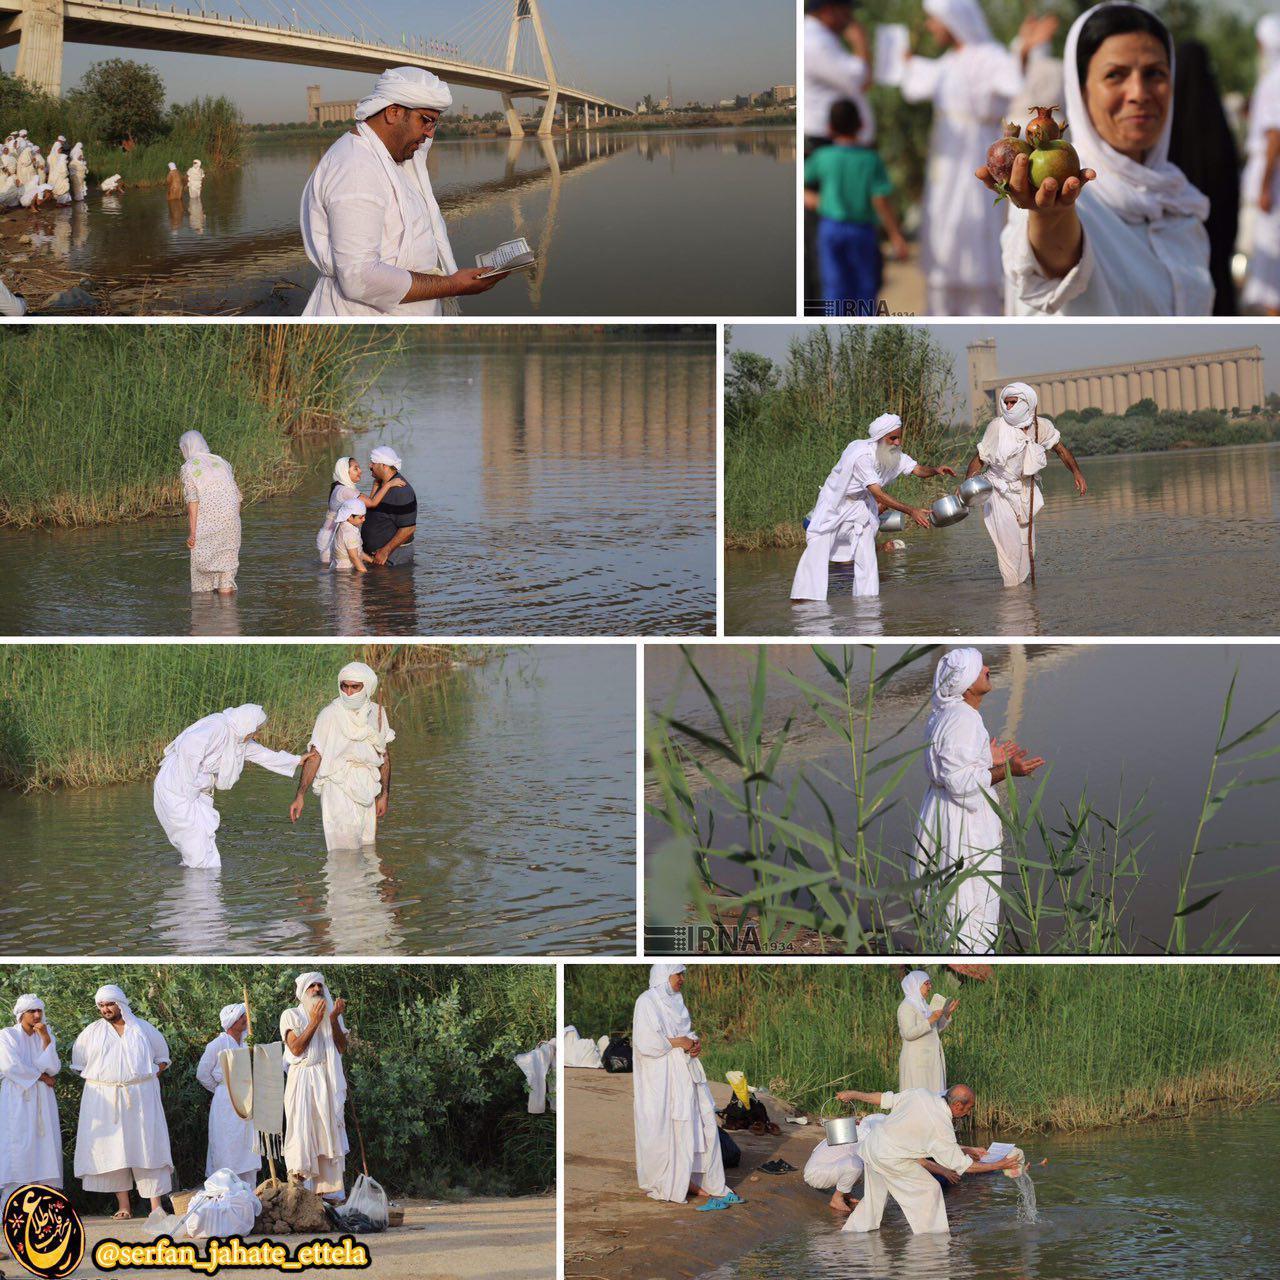 مراسم تعمید اقلیت صابئین مندایی صبح دوشنبه در ساحل رودخانه کارون به مناسبت عید بزرگ صابئین مندایی (دهواربا) و آغاز سال مندایی برگزار شد